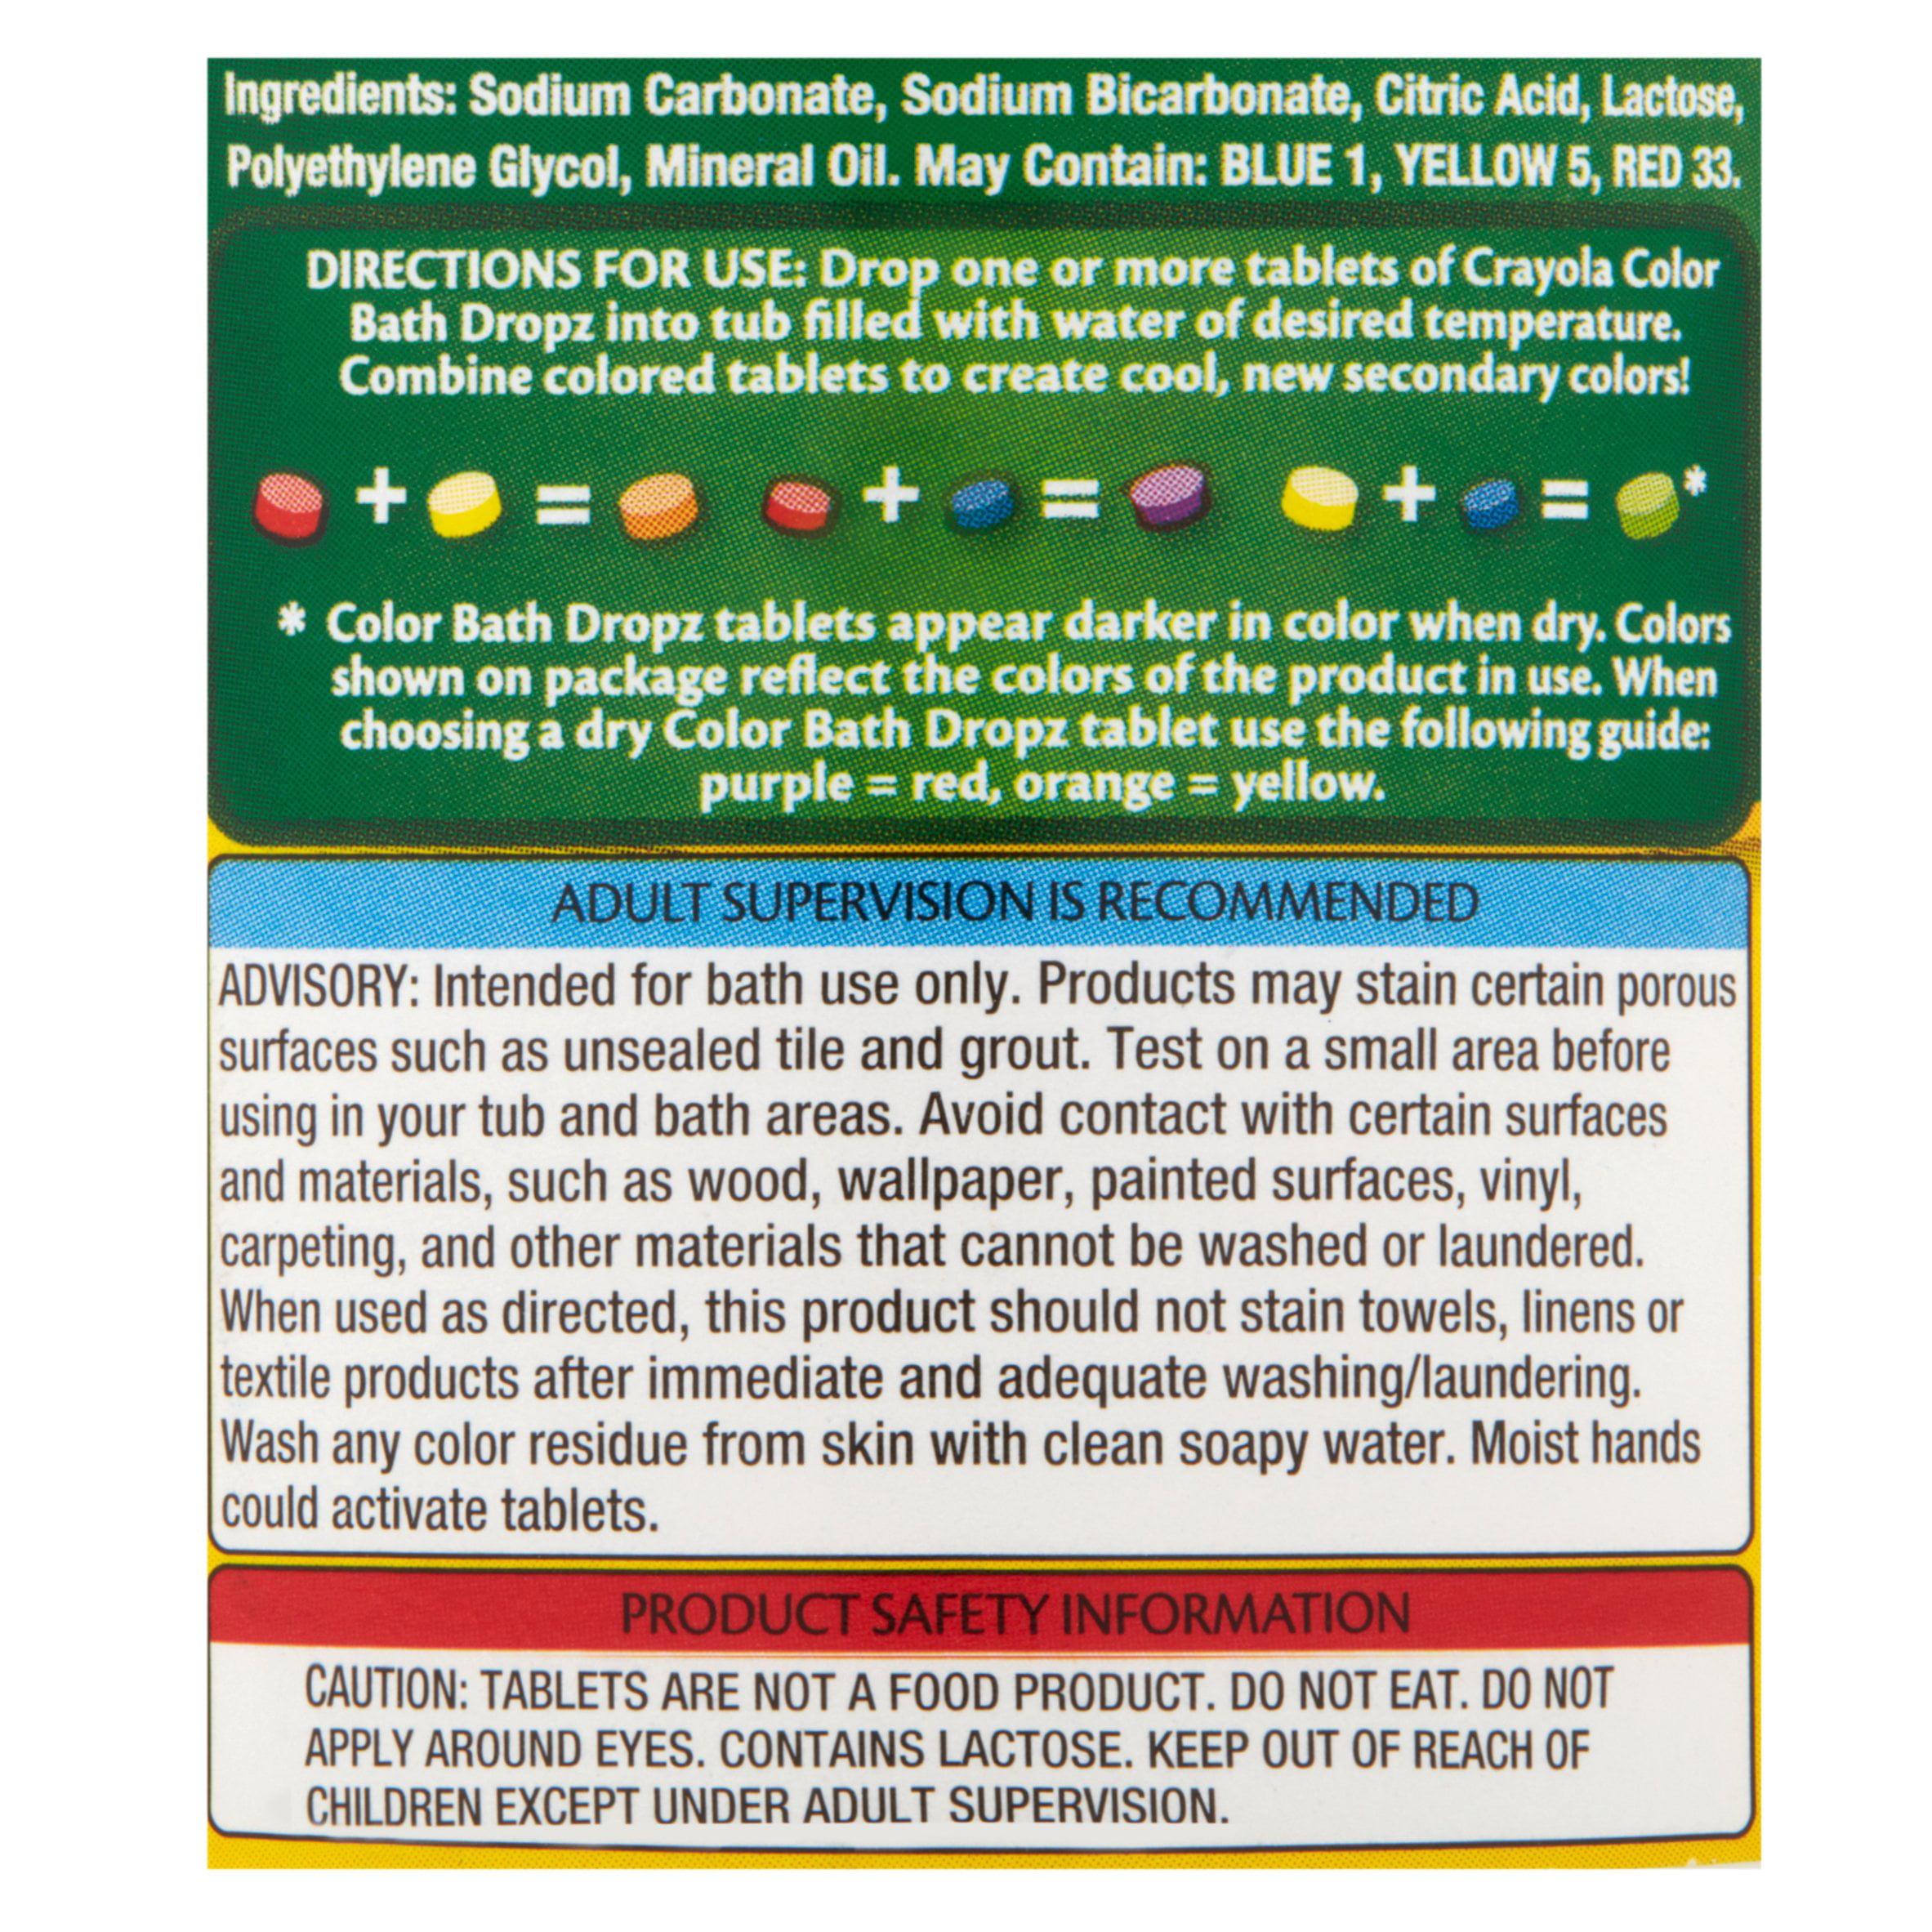 Crayola Bath Dropz Color, 2.68 OZ - Walmart.com